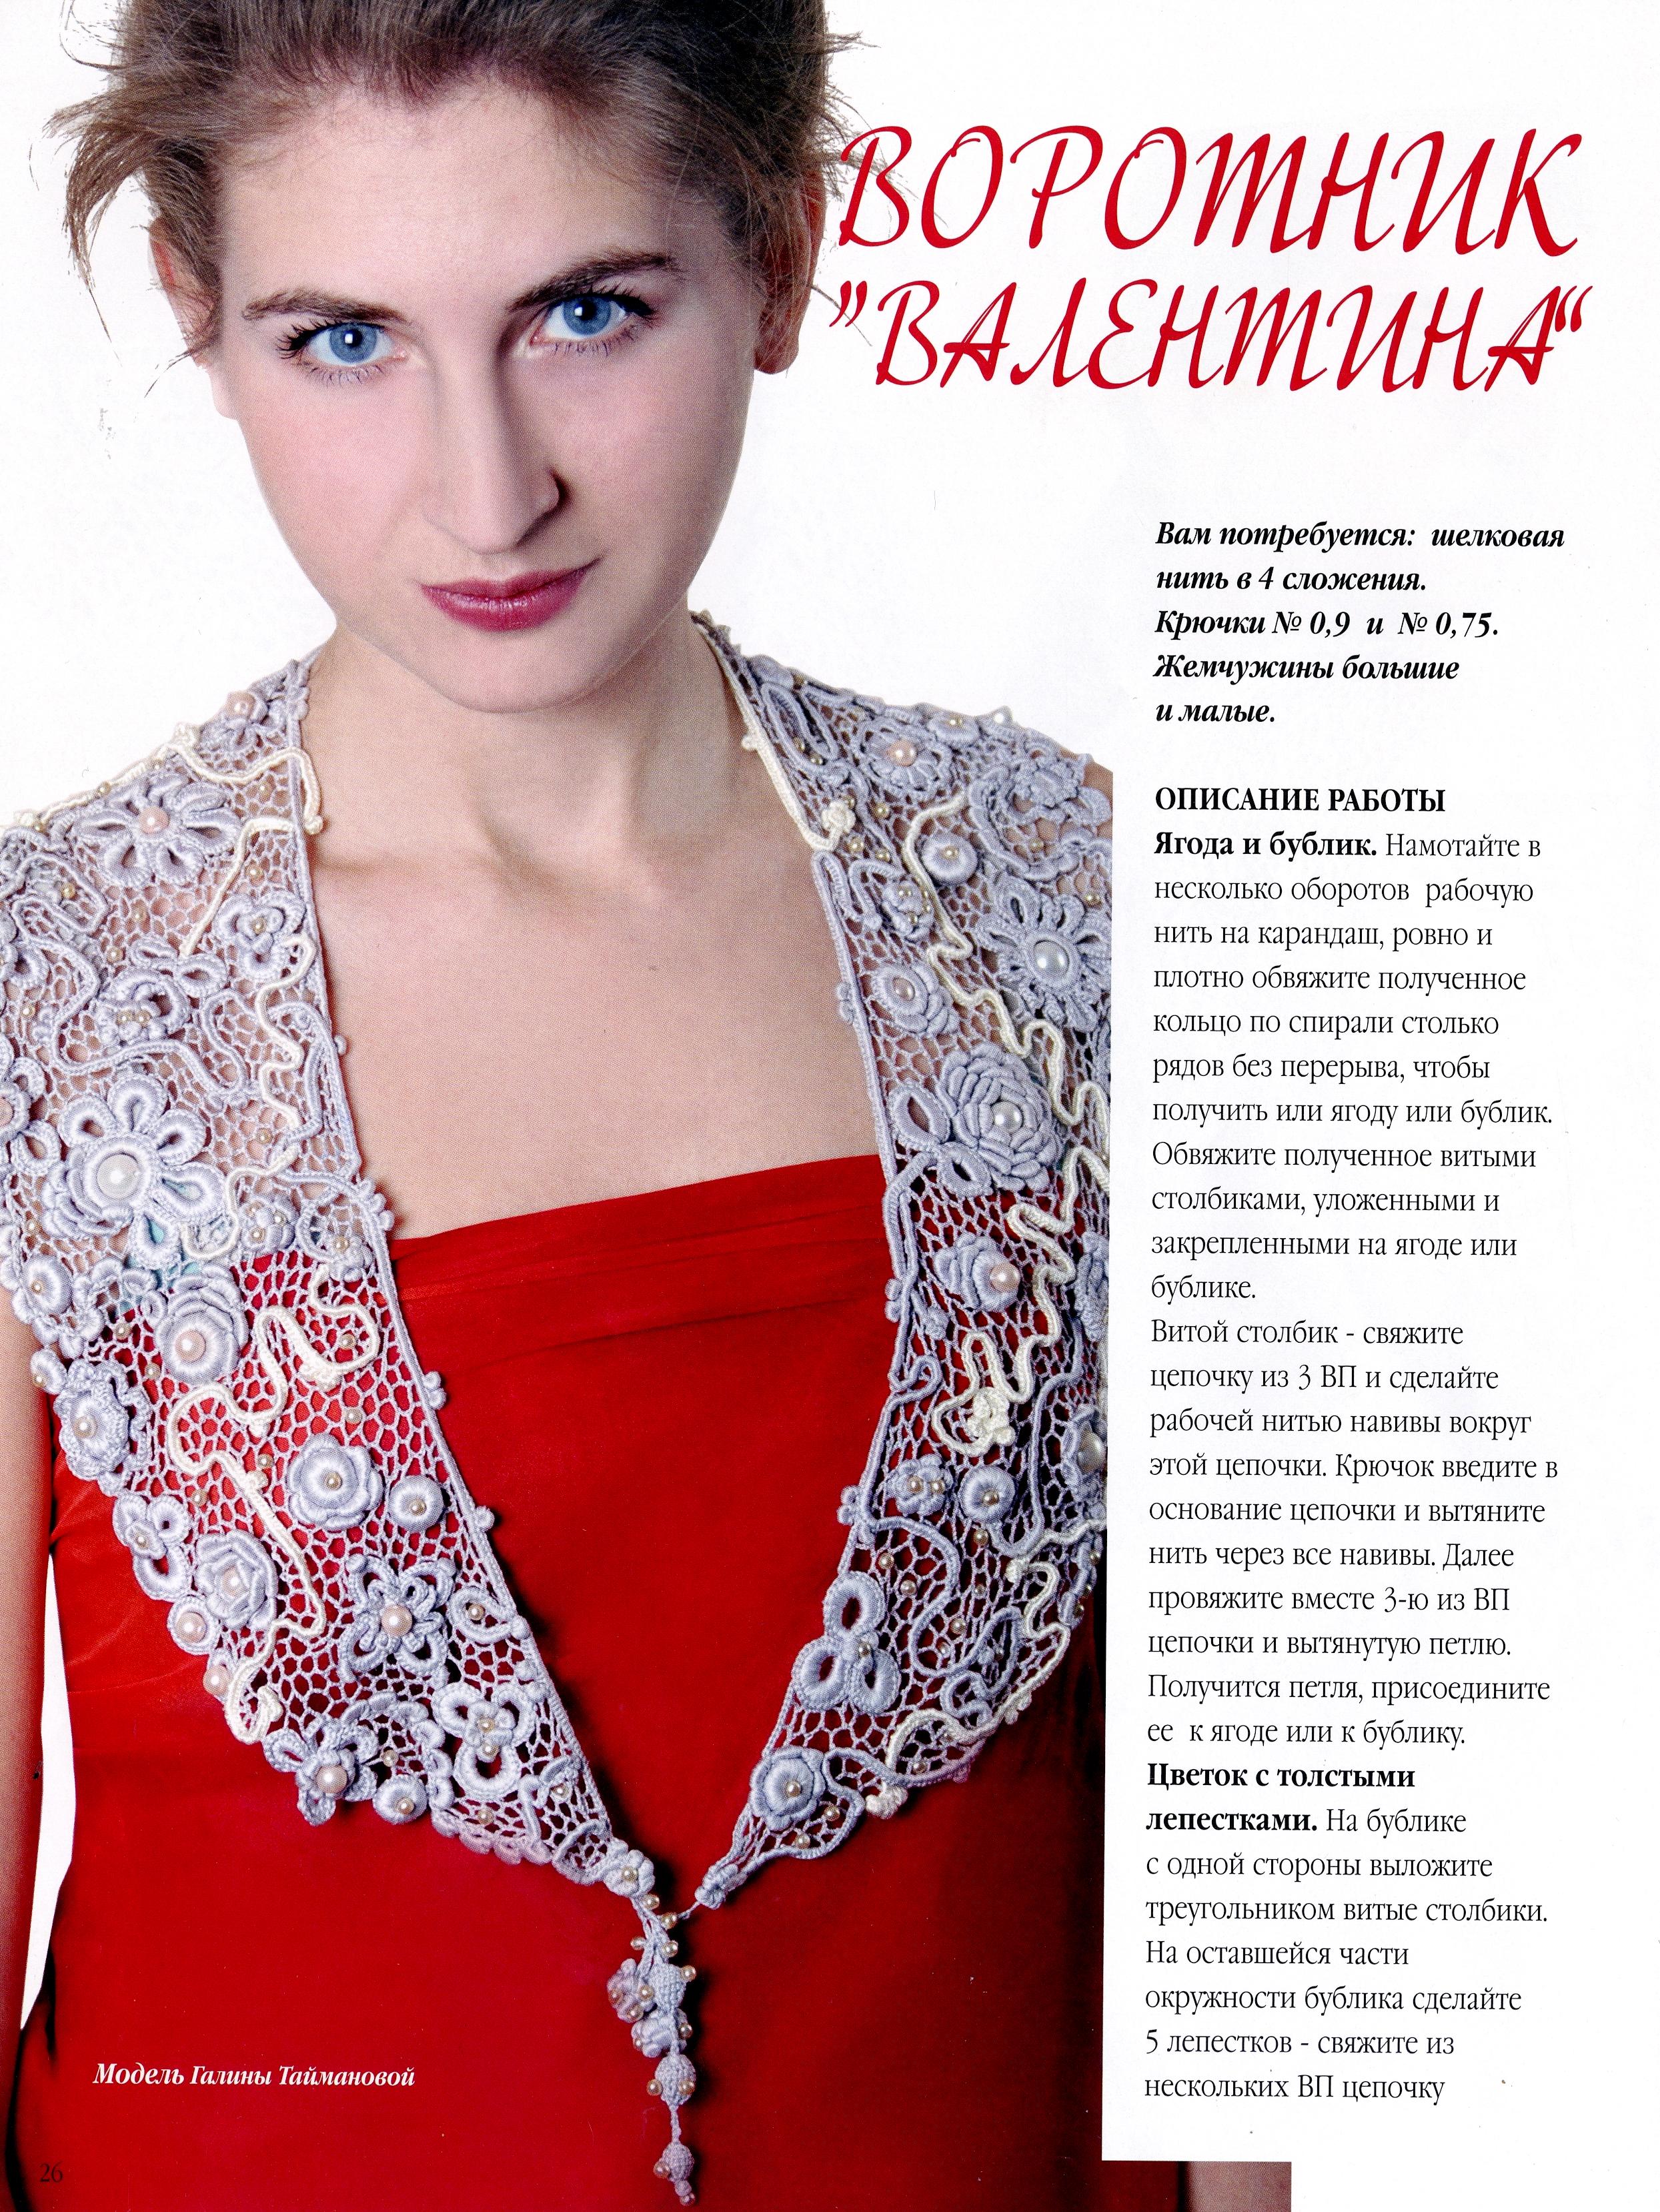 Вязание (главным образом ФриФорм) в России и ближнем зарубежье. - Страница 2 0_1f6a86_602e2b17_orig